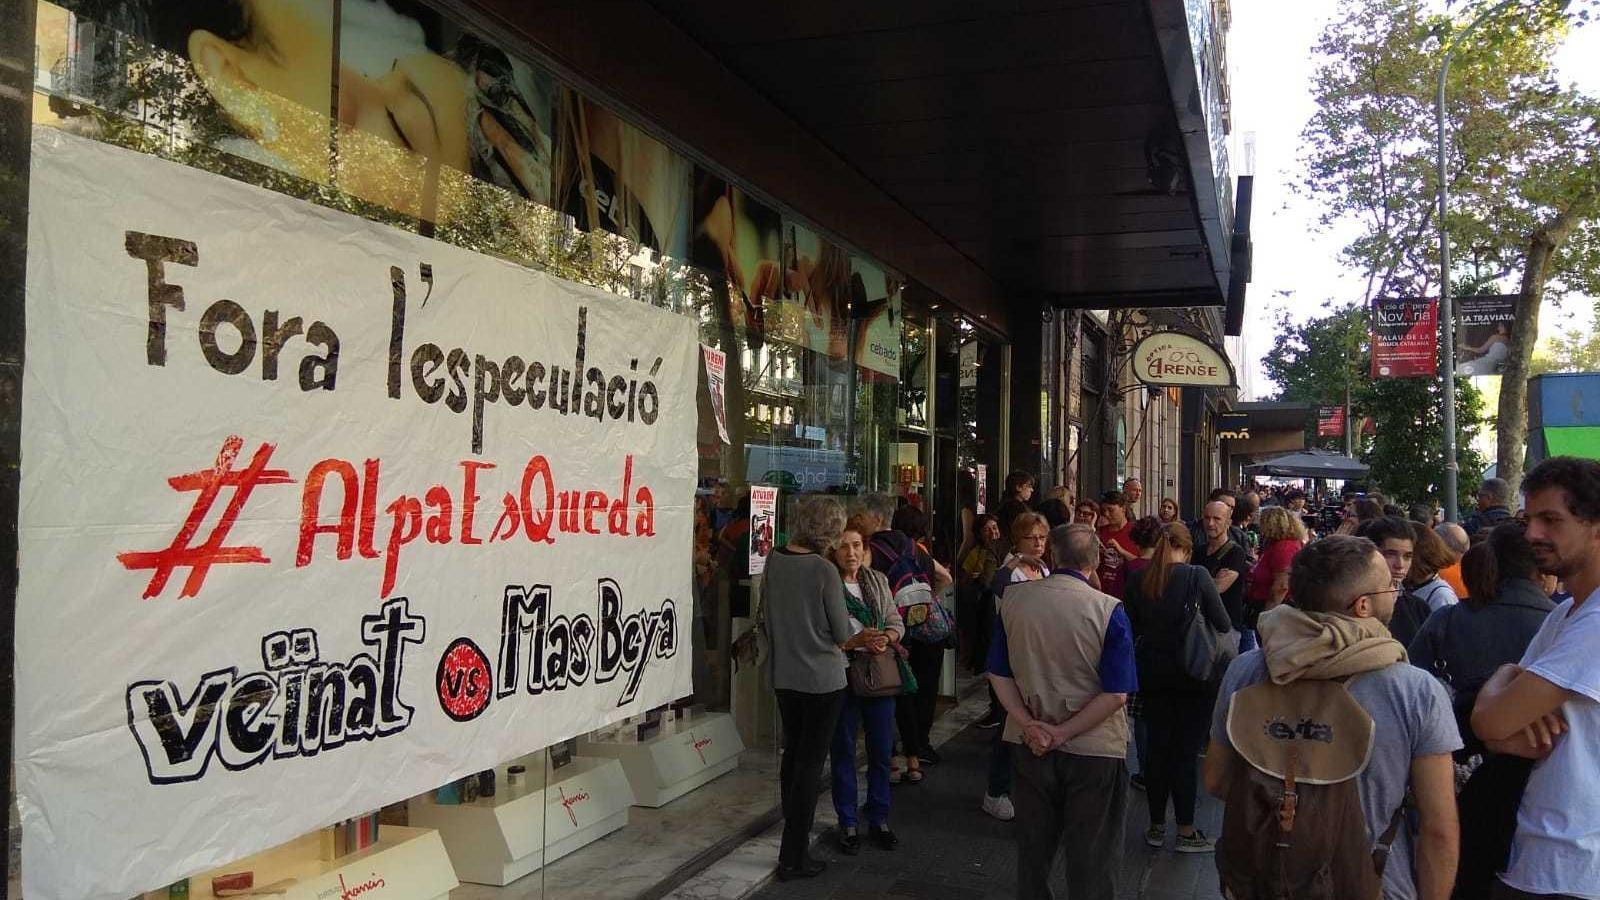 Sindicats veïnals ocupen l'Institut de Bellesa Francis per protestar contra un desnonament